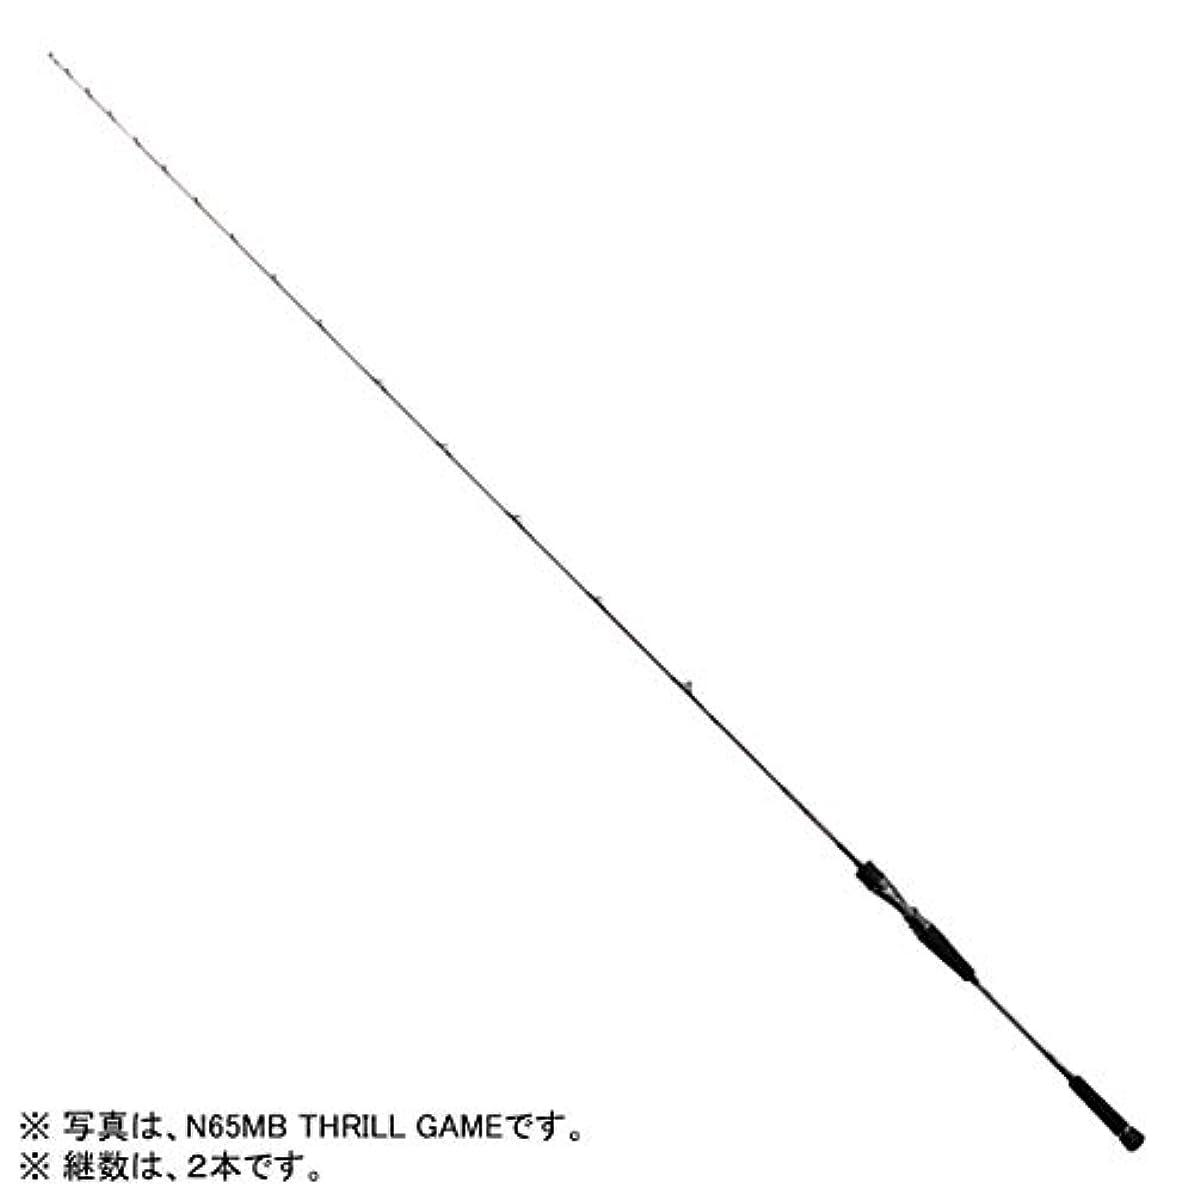 酸化する魅力的安全性ダイワ(Daiwa) タイラバ ロッド 紅牙 EX AGS N69MHB-SMT